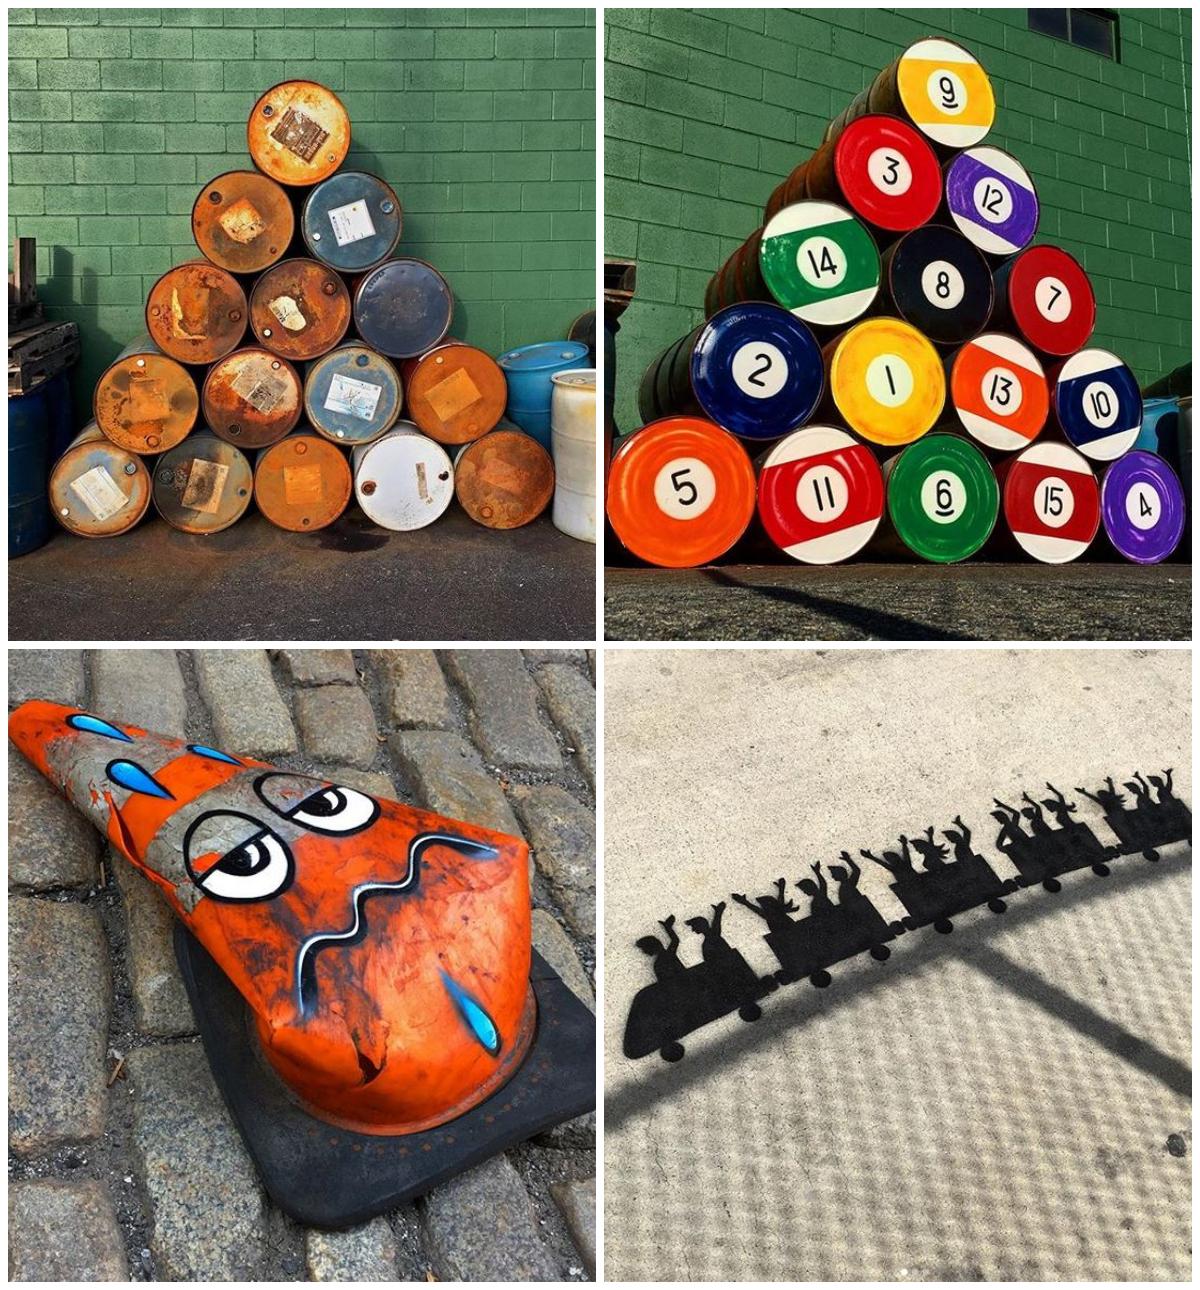 street_art_tom_bob_festomuvesz_utcai_kreativ_alkotas_vicces_csatornafedel_ereszcsatorna_4.jpg